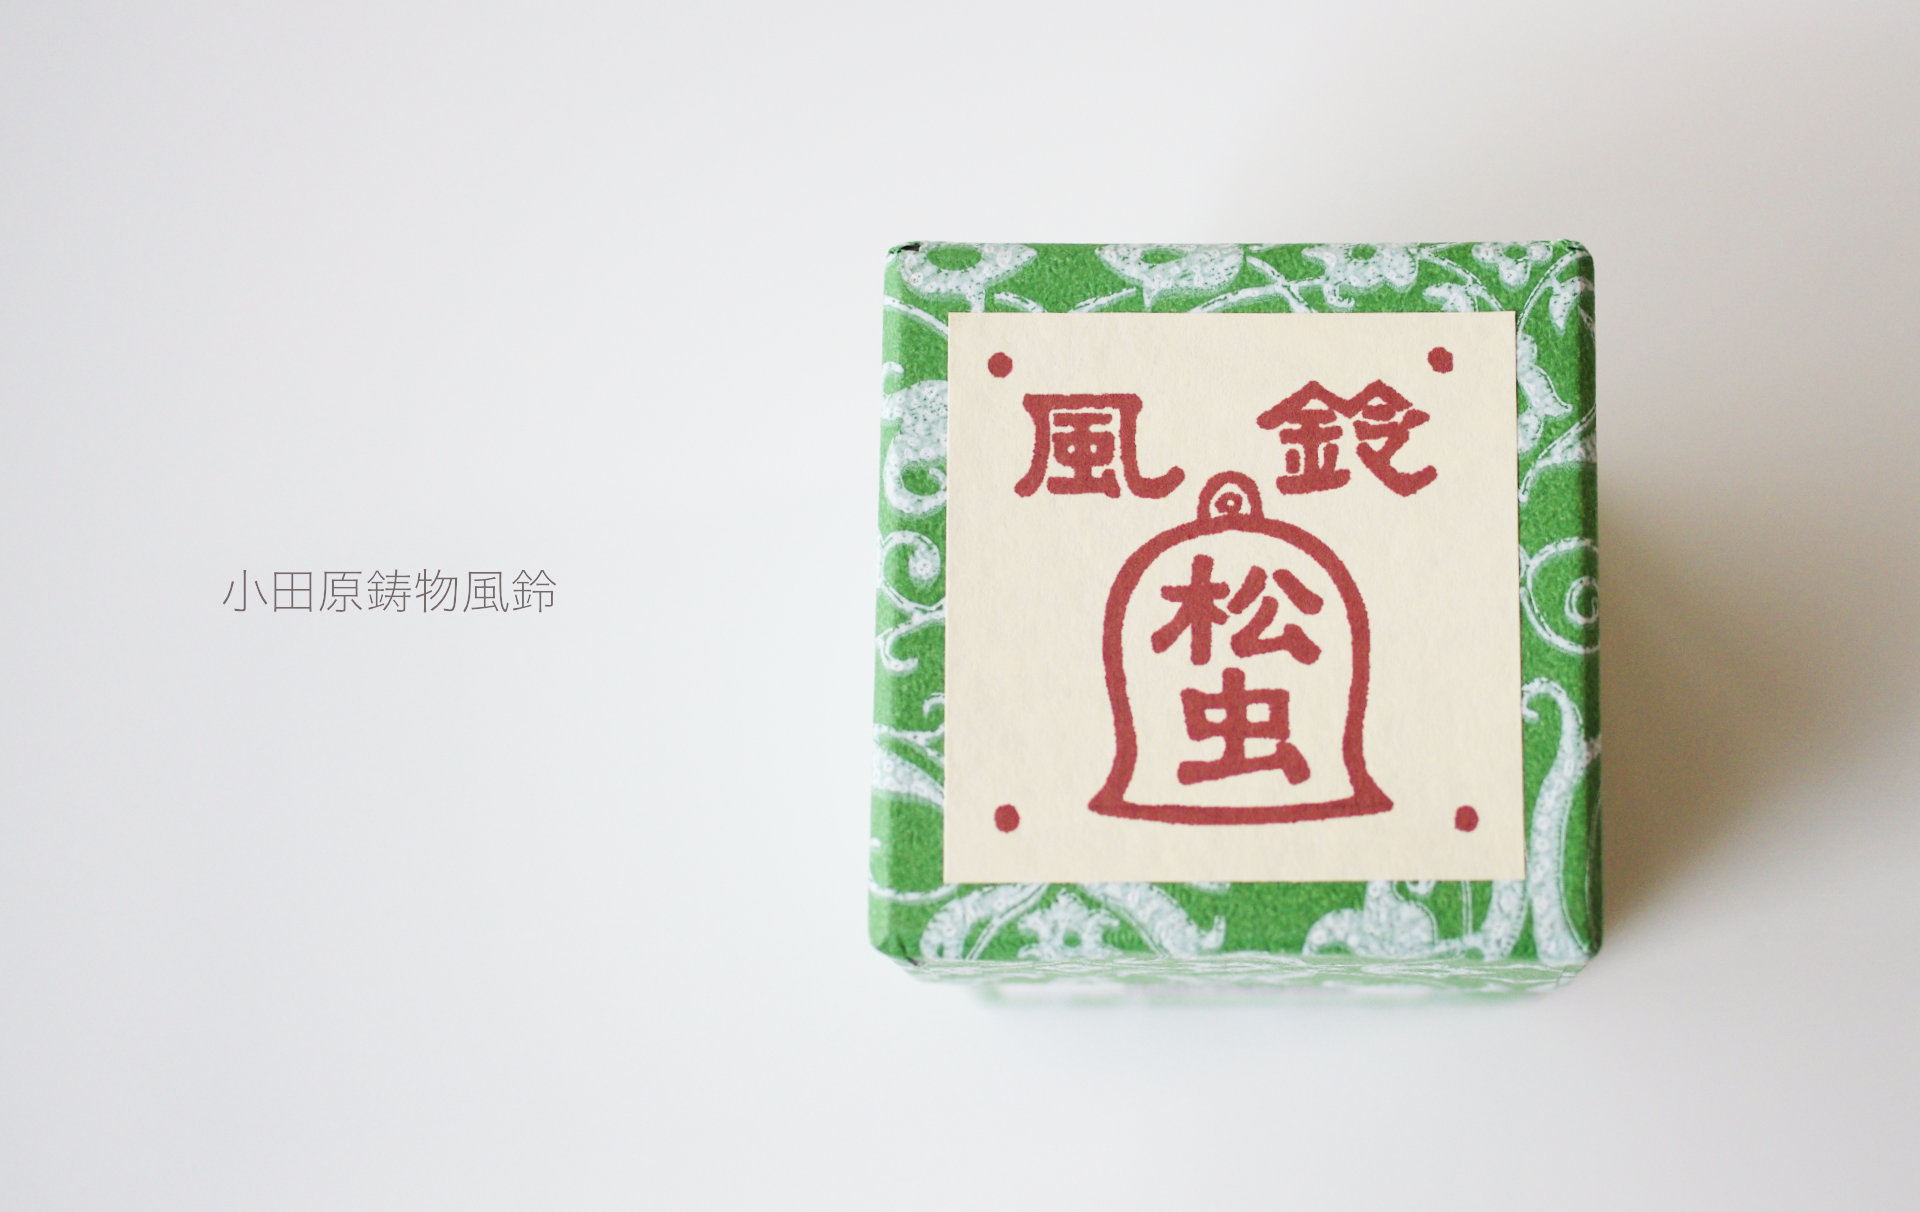 元箱・パッケージ「松虫風鈴」小田原鋳物風鈴